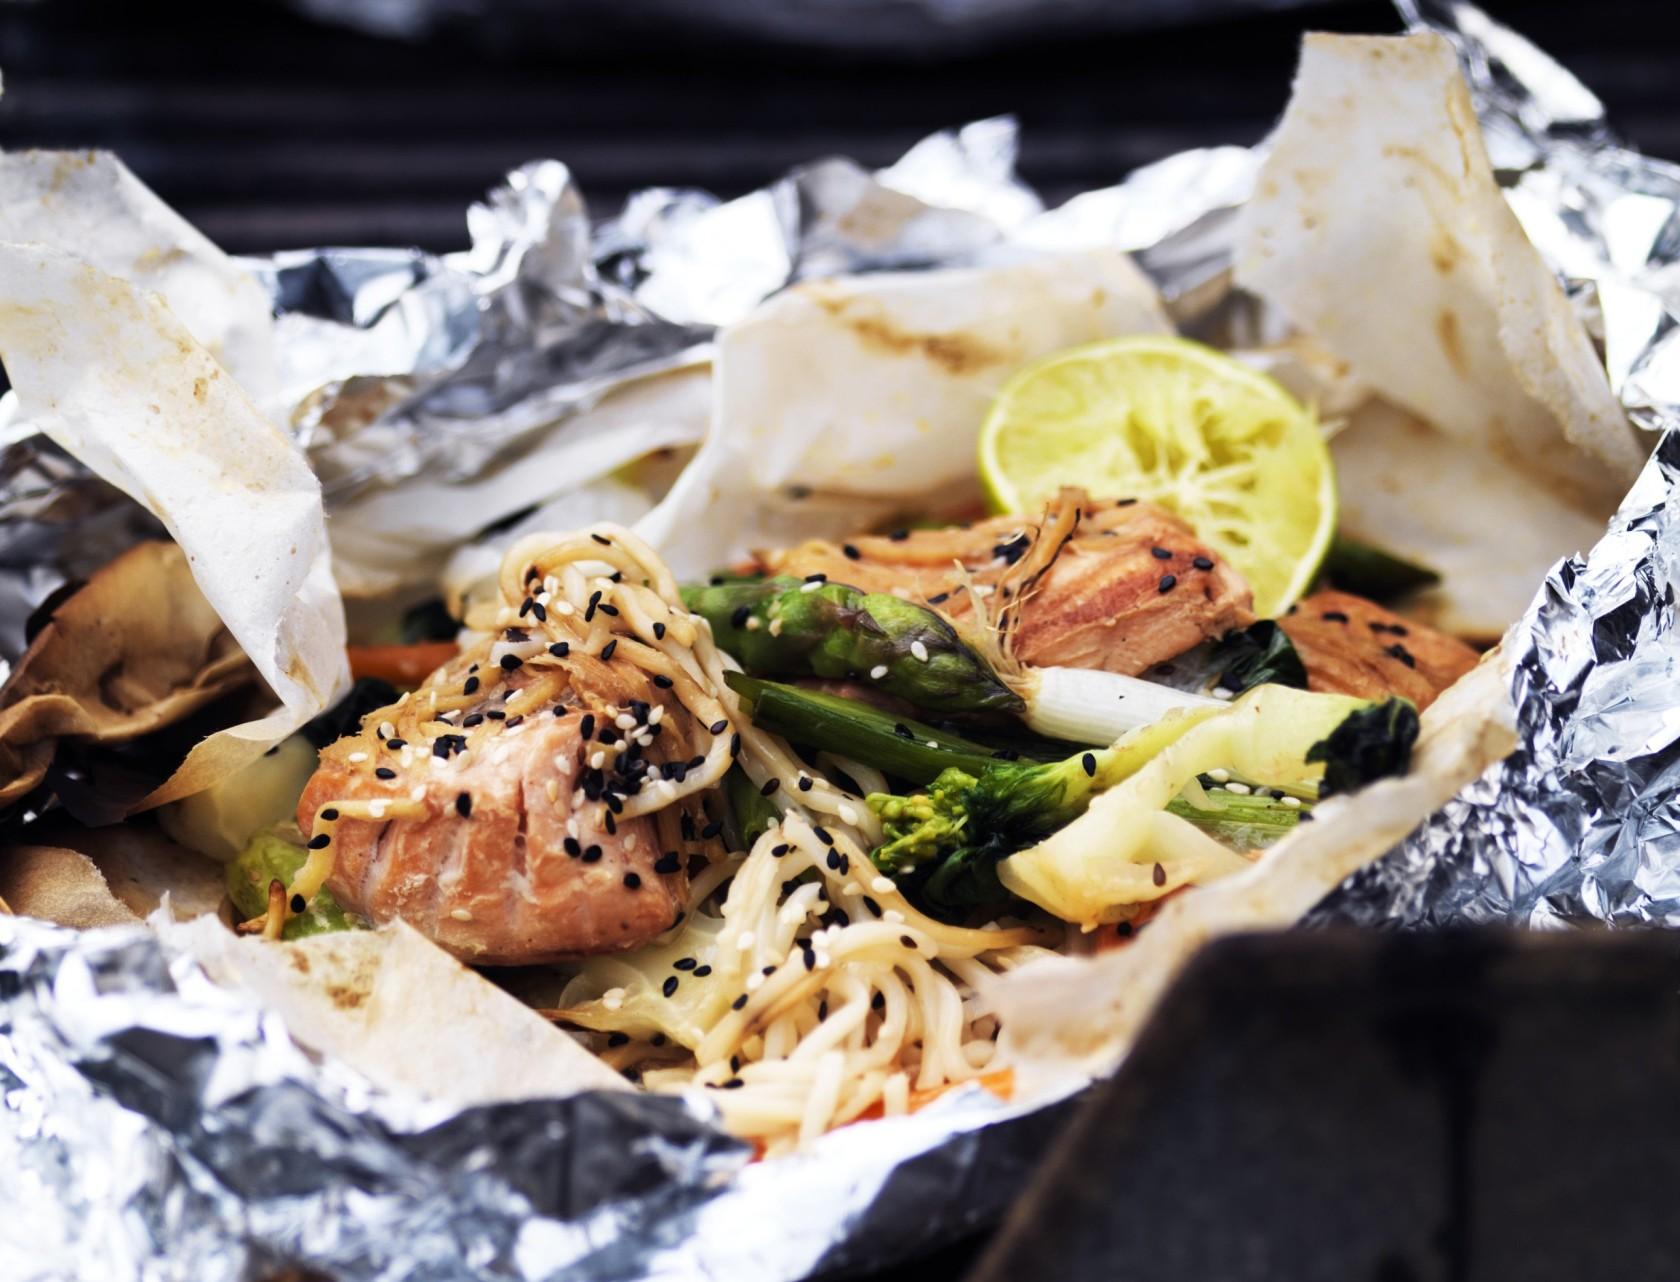 Grøntsagspakker med nudler og sojamarineret laks - virkelig lækker sommerret på grill!